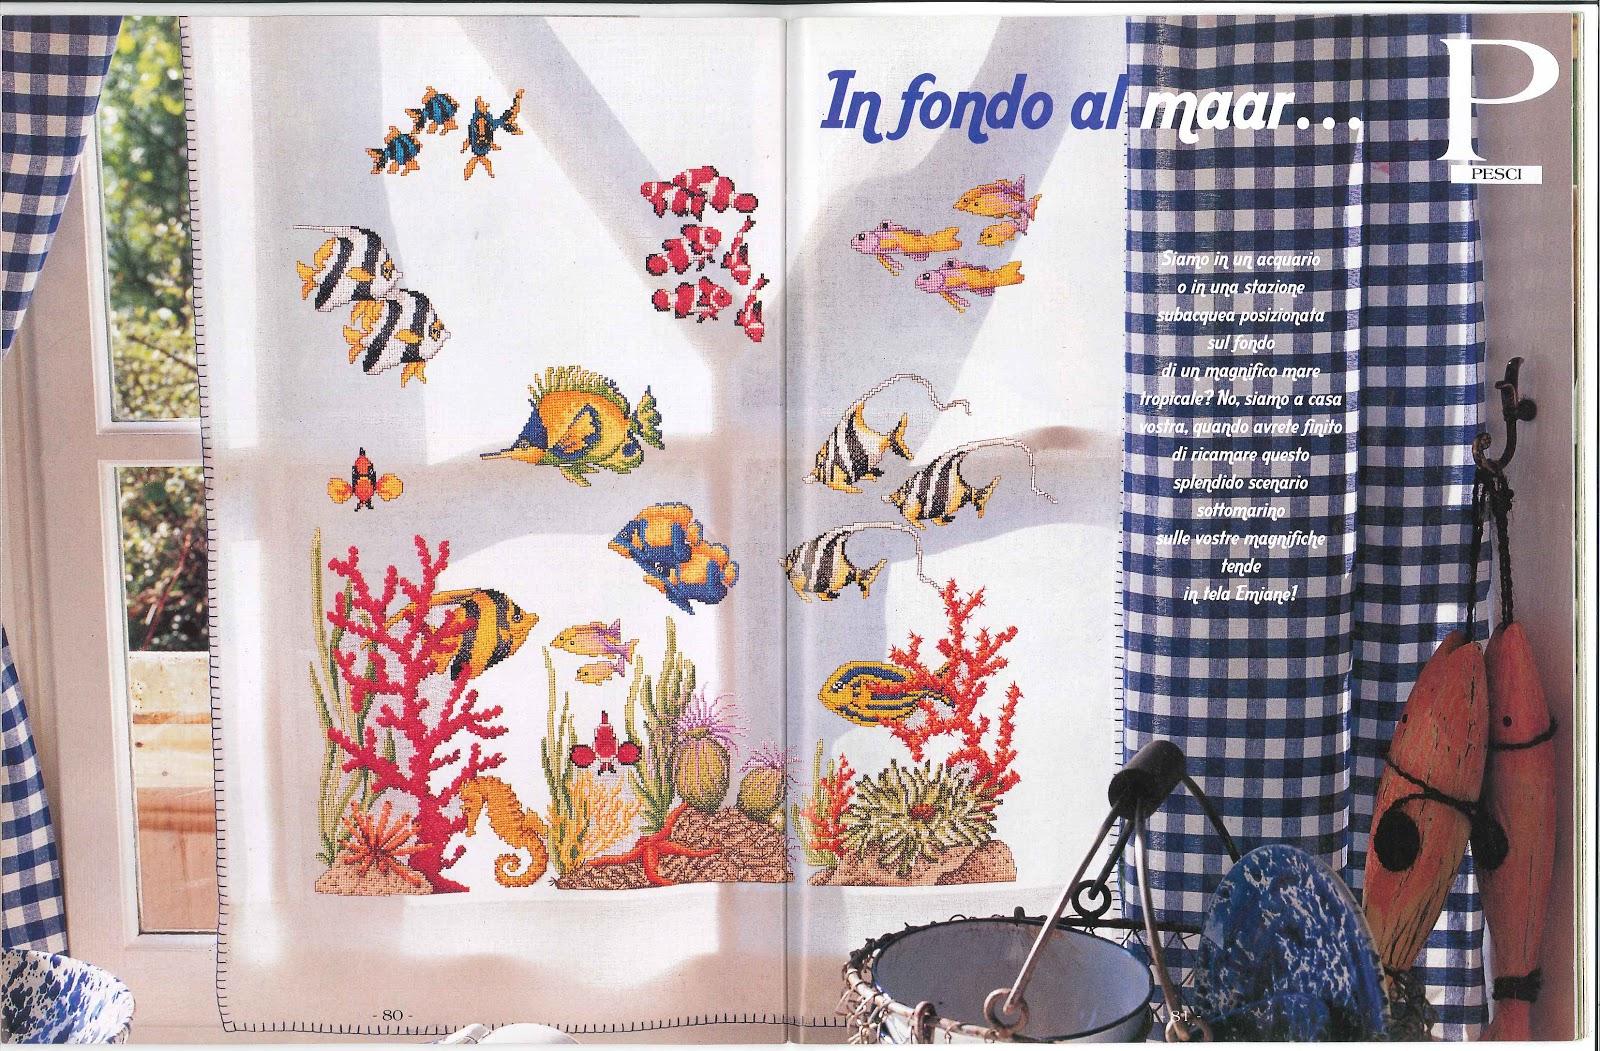 Idee Cucito Per Il Bagno : Nellastanzadiale: tendina per bagno acquario da le idee di susanna